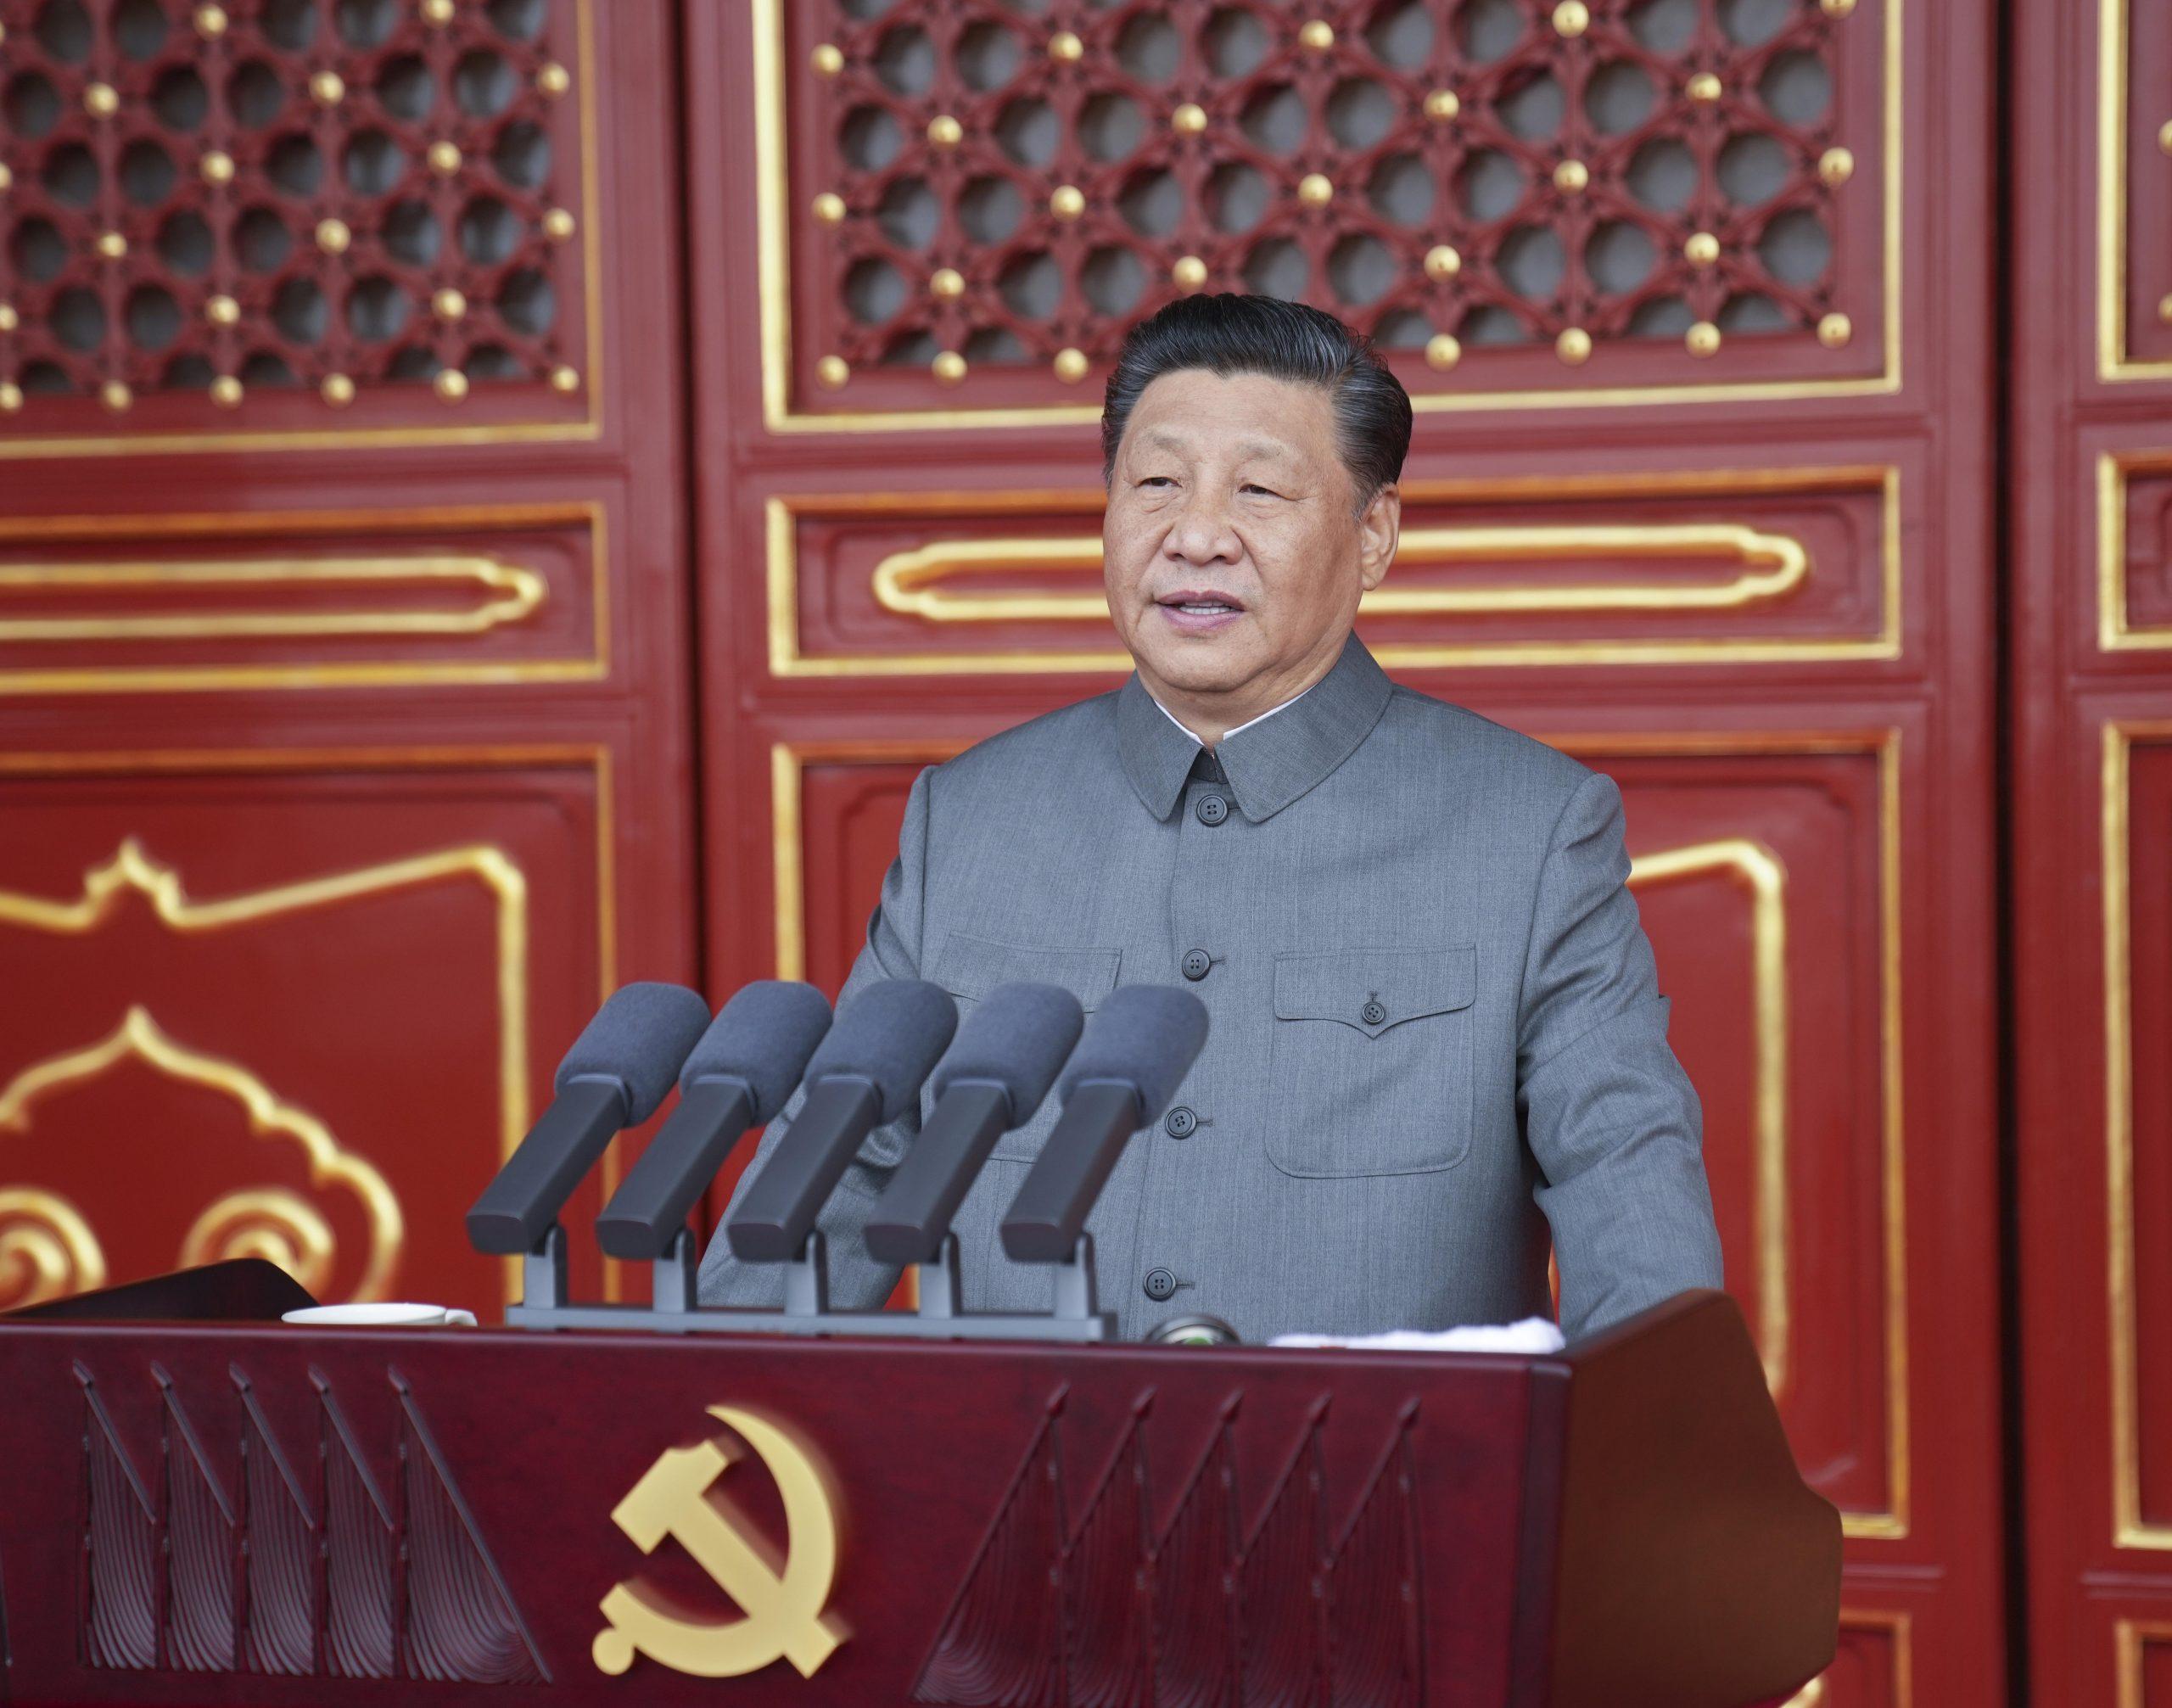 Publican en múltiples idiomas discurso de Xi en ceremonia de centenario de PCCh